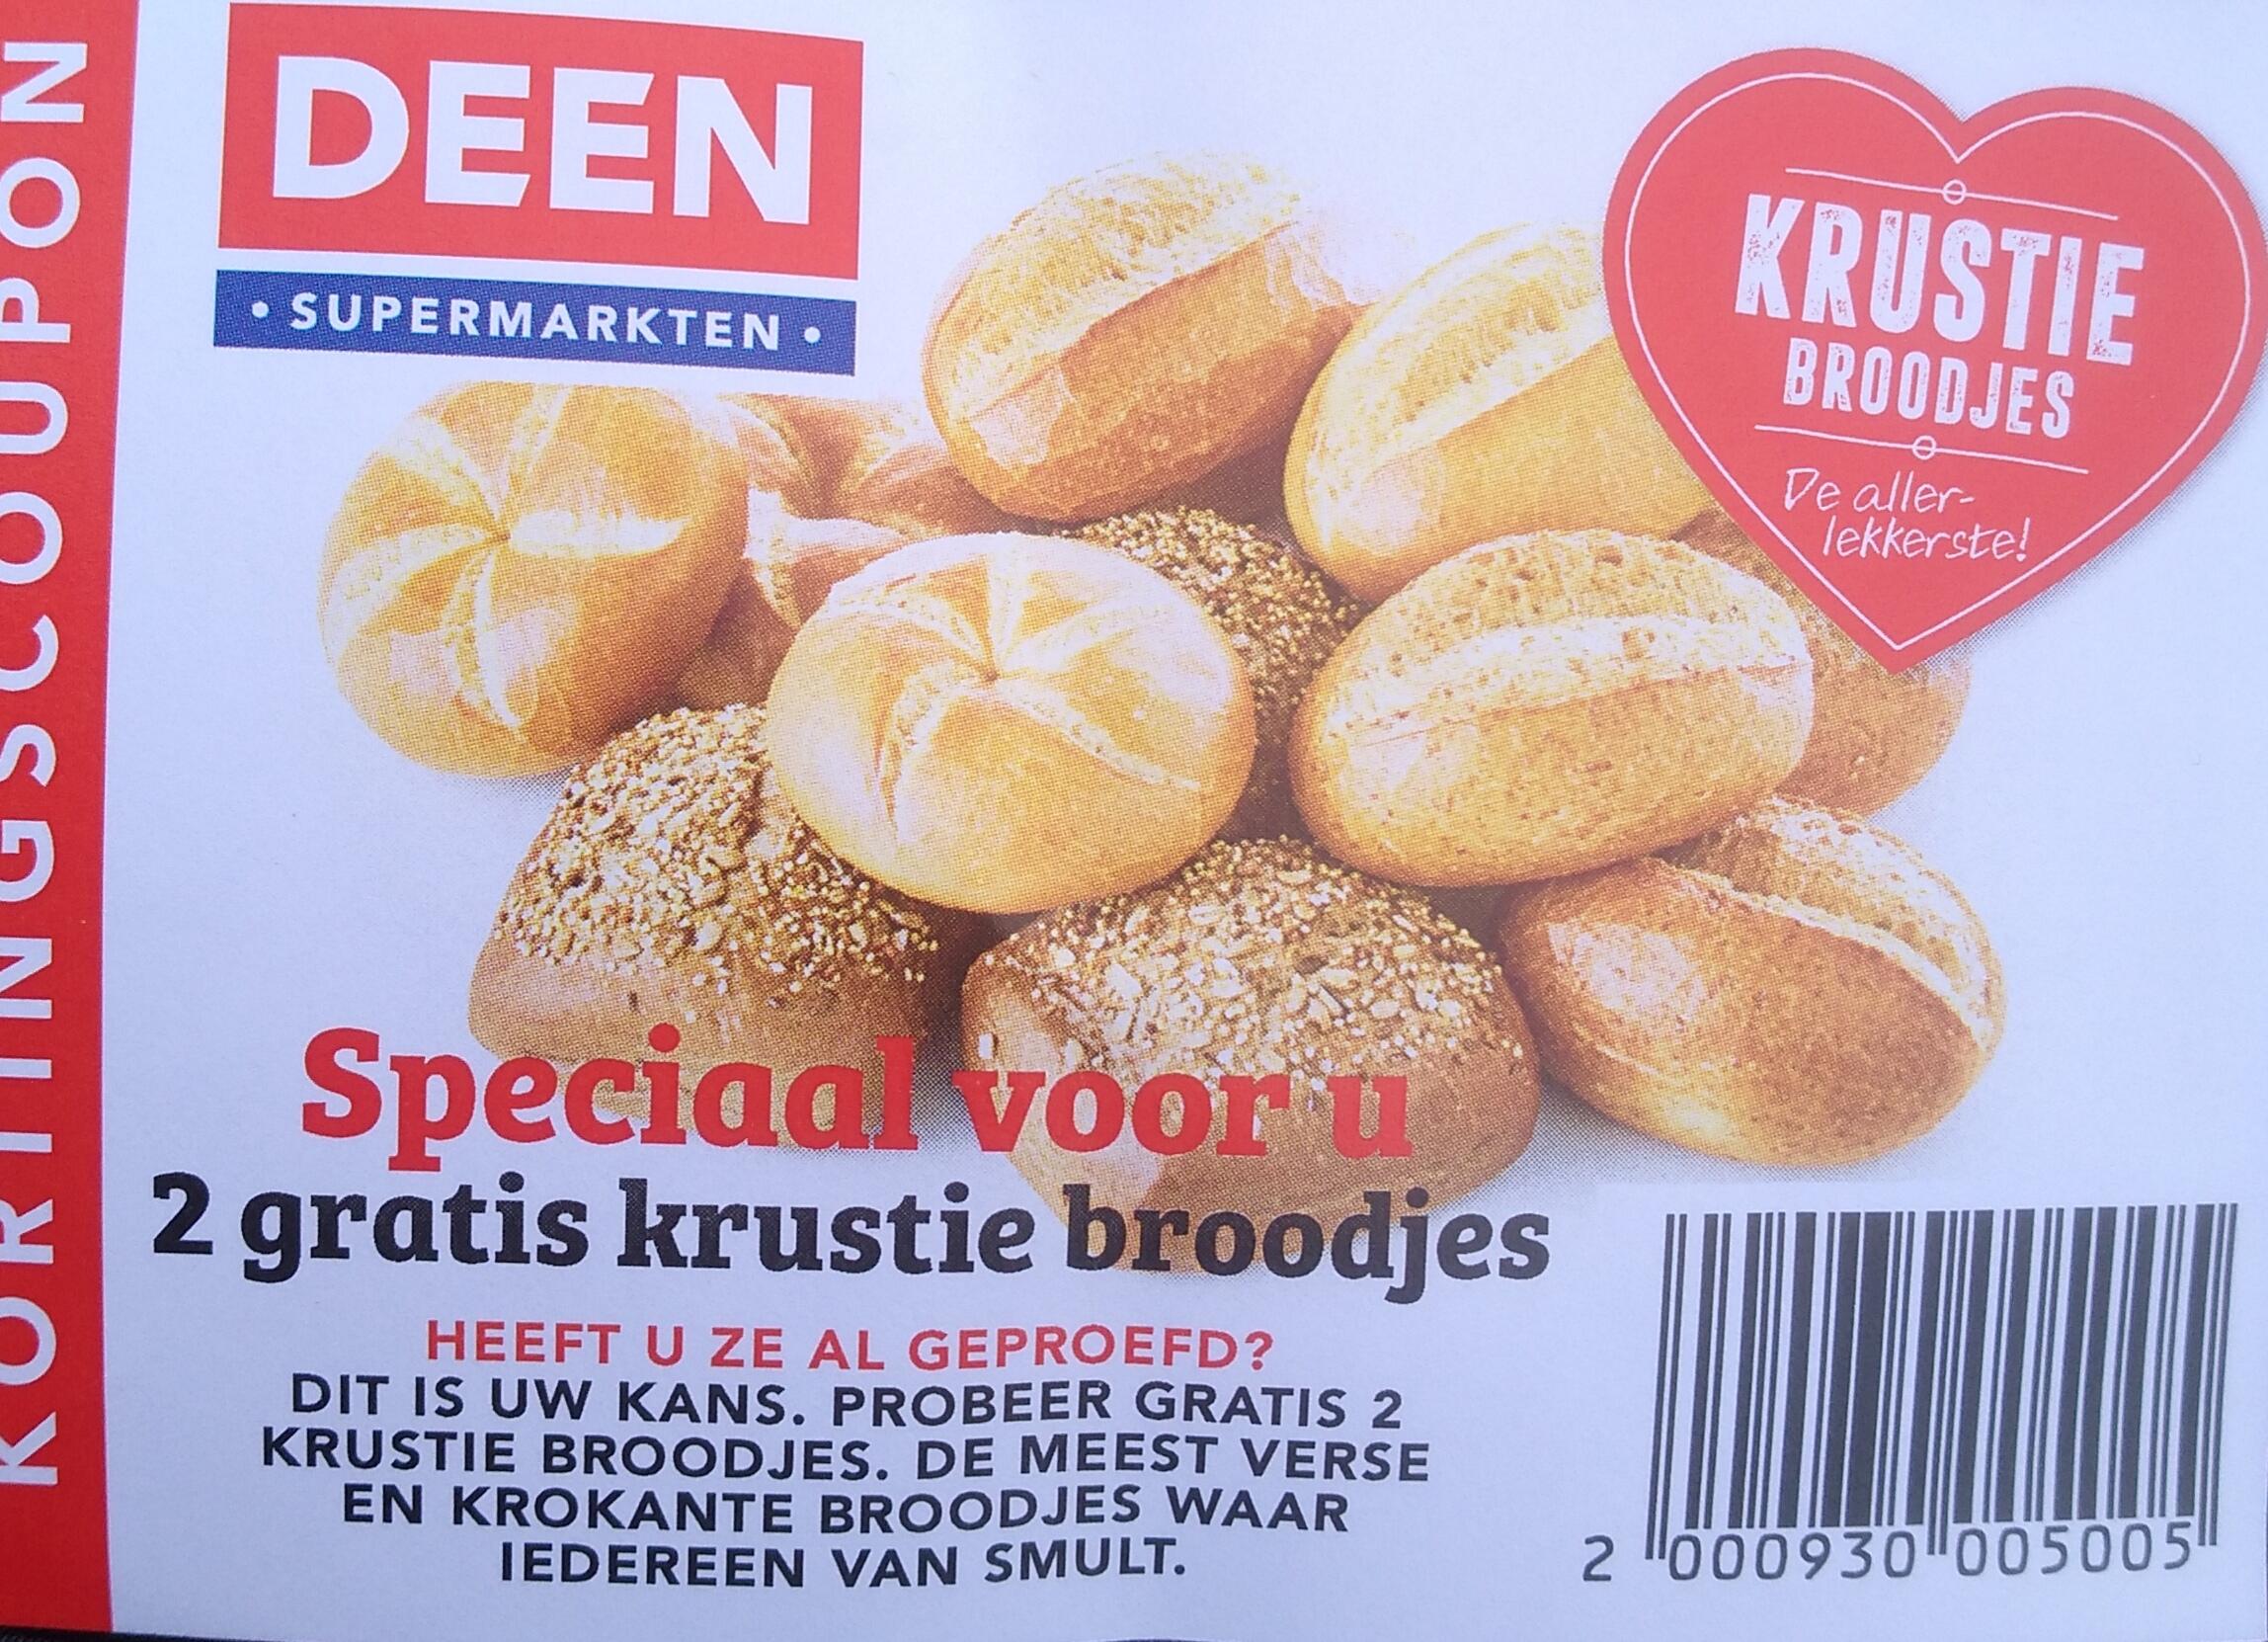 Gratis Krustie broodjes bij Deen